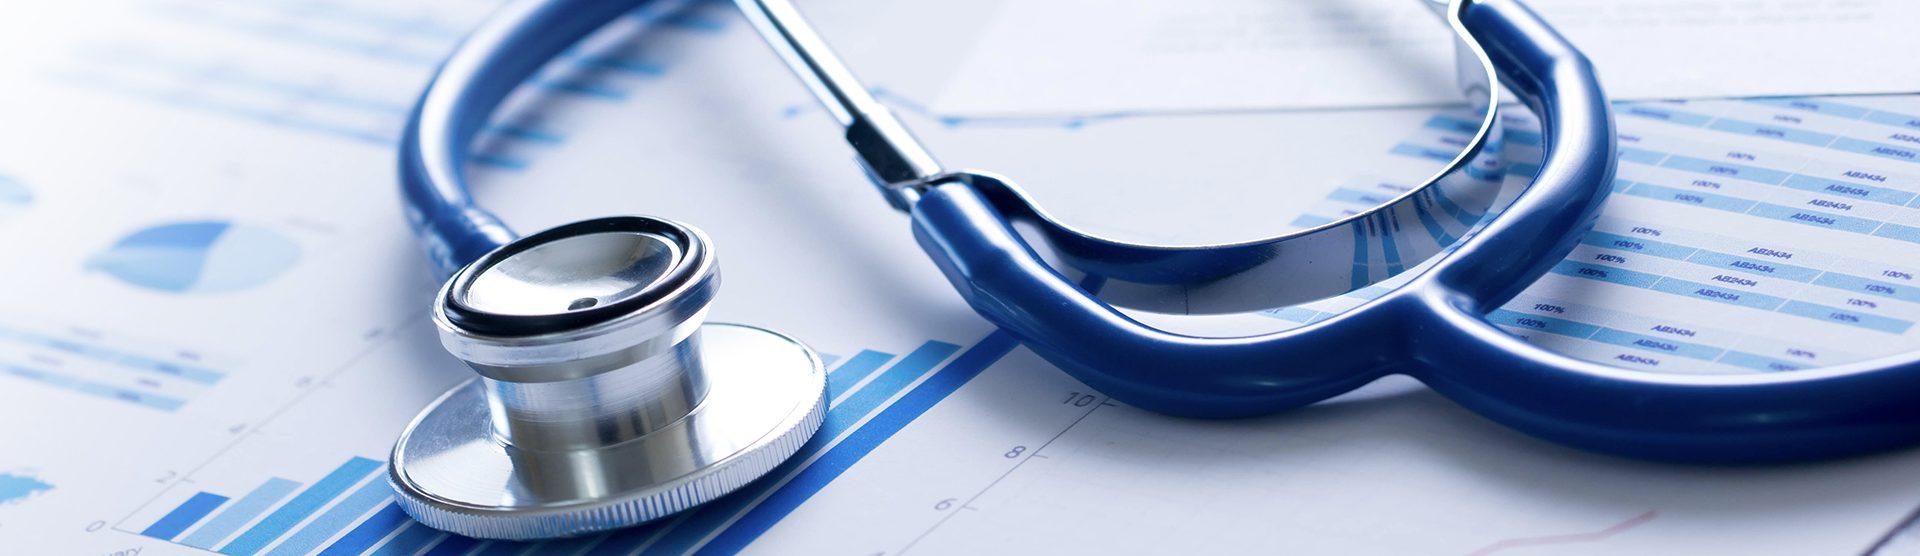 Een stethoscoop op een publicatie met grafieken en cijfers